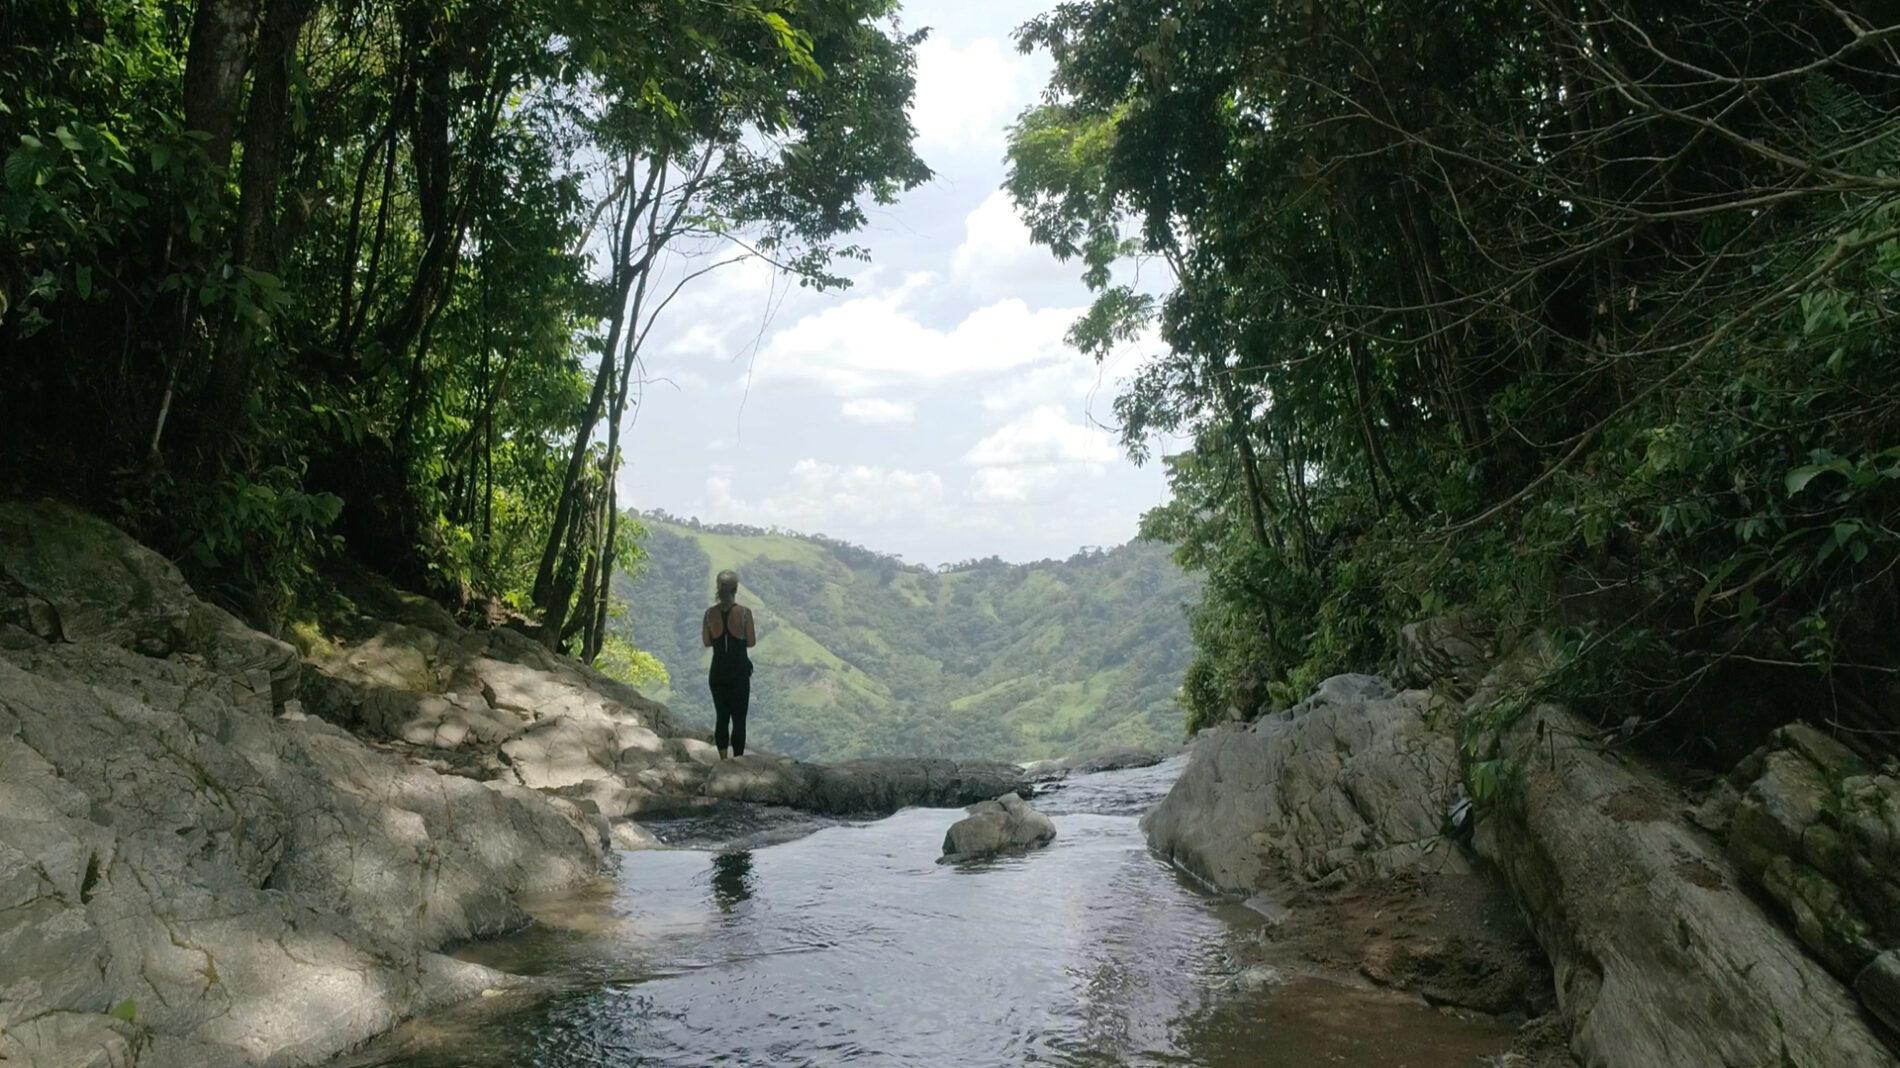 ENCONTRANDO LOS NUEVOS CAMINOS DE COLOMBIA, POR DISCOVERY